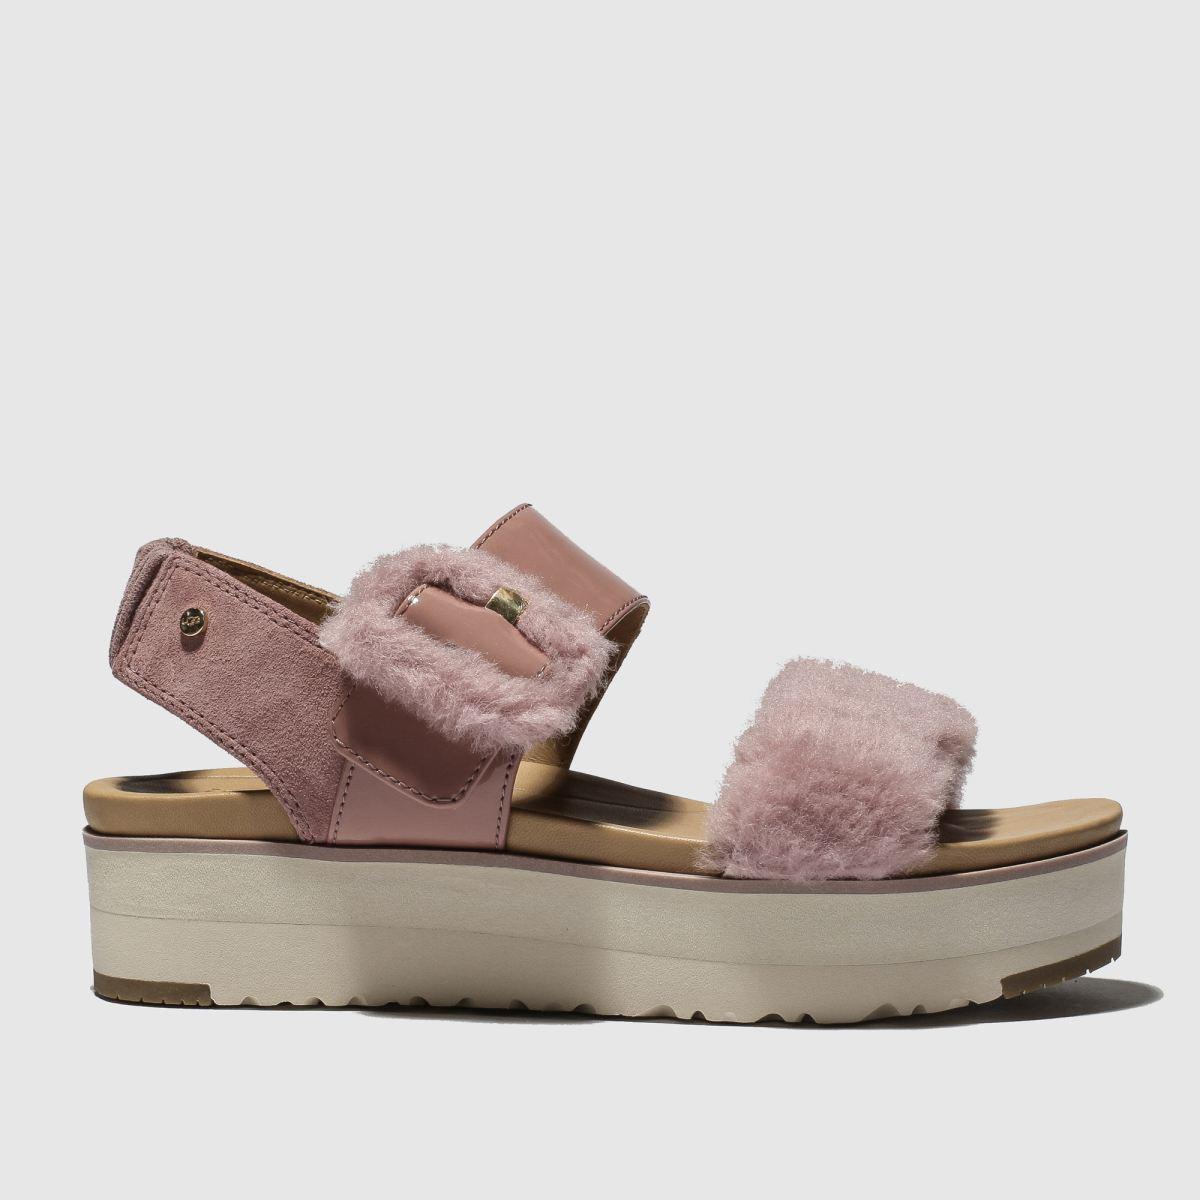 Ugg Pink Le Fluff Sandals